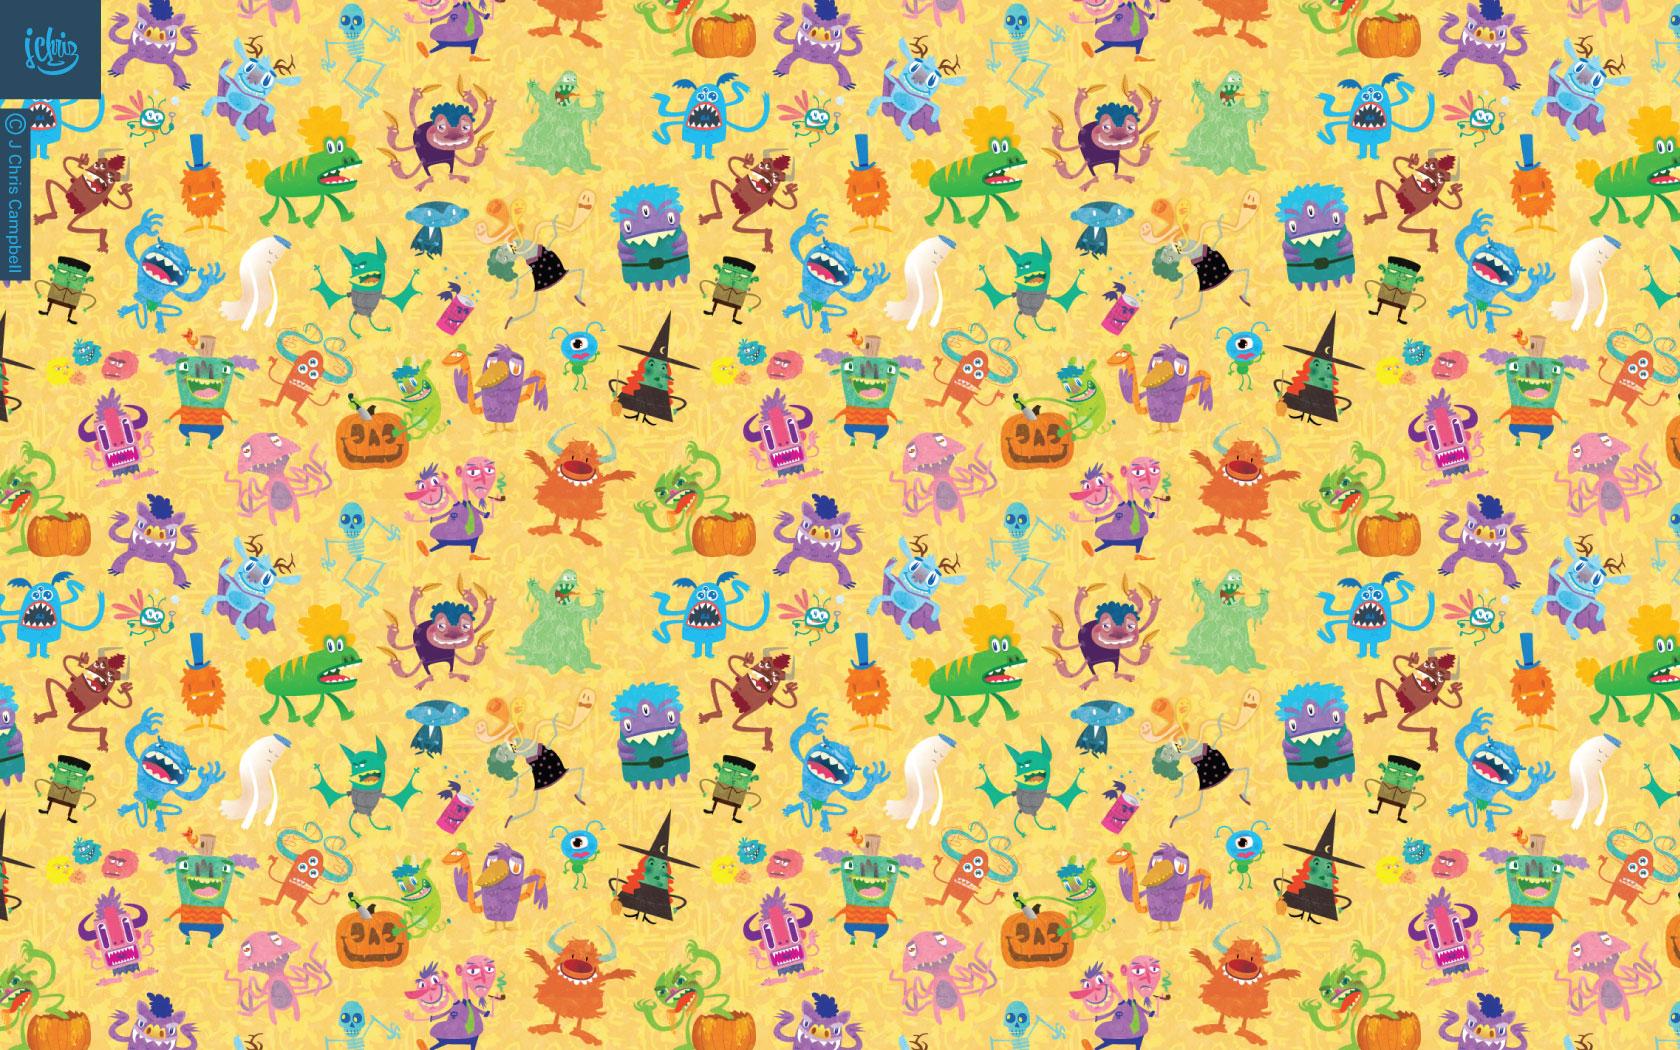 Indie Art Desktop Wallpaper 1680x1050